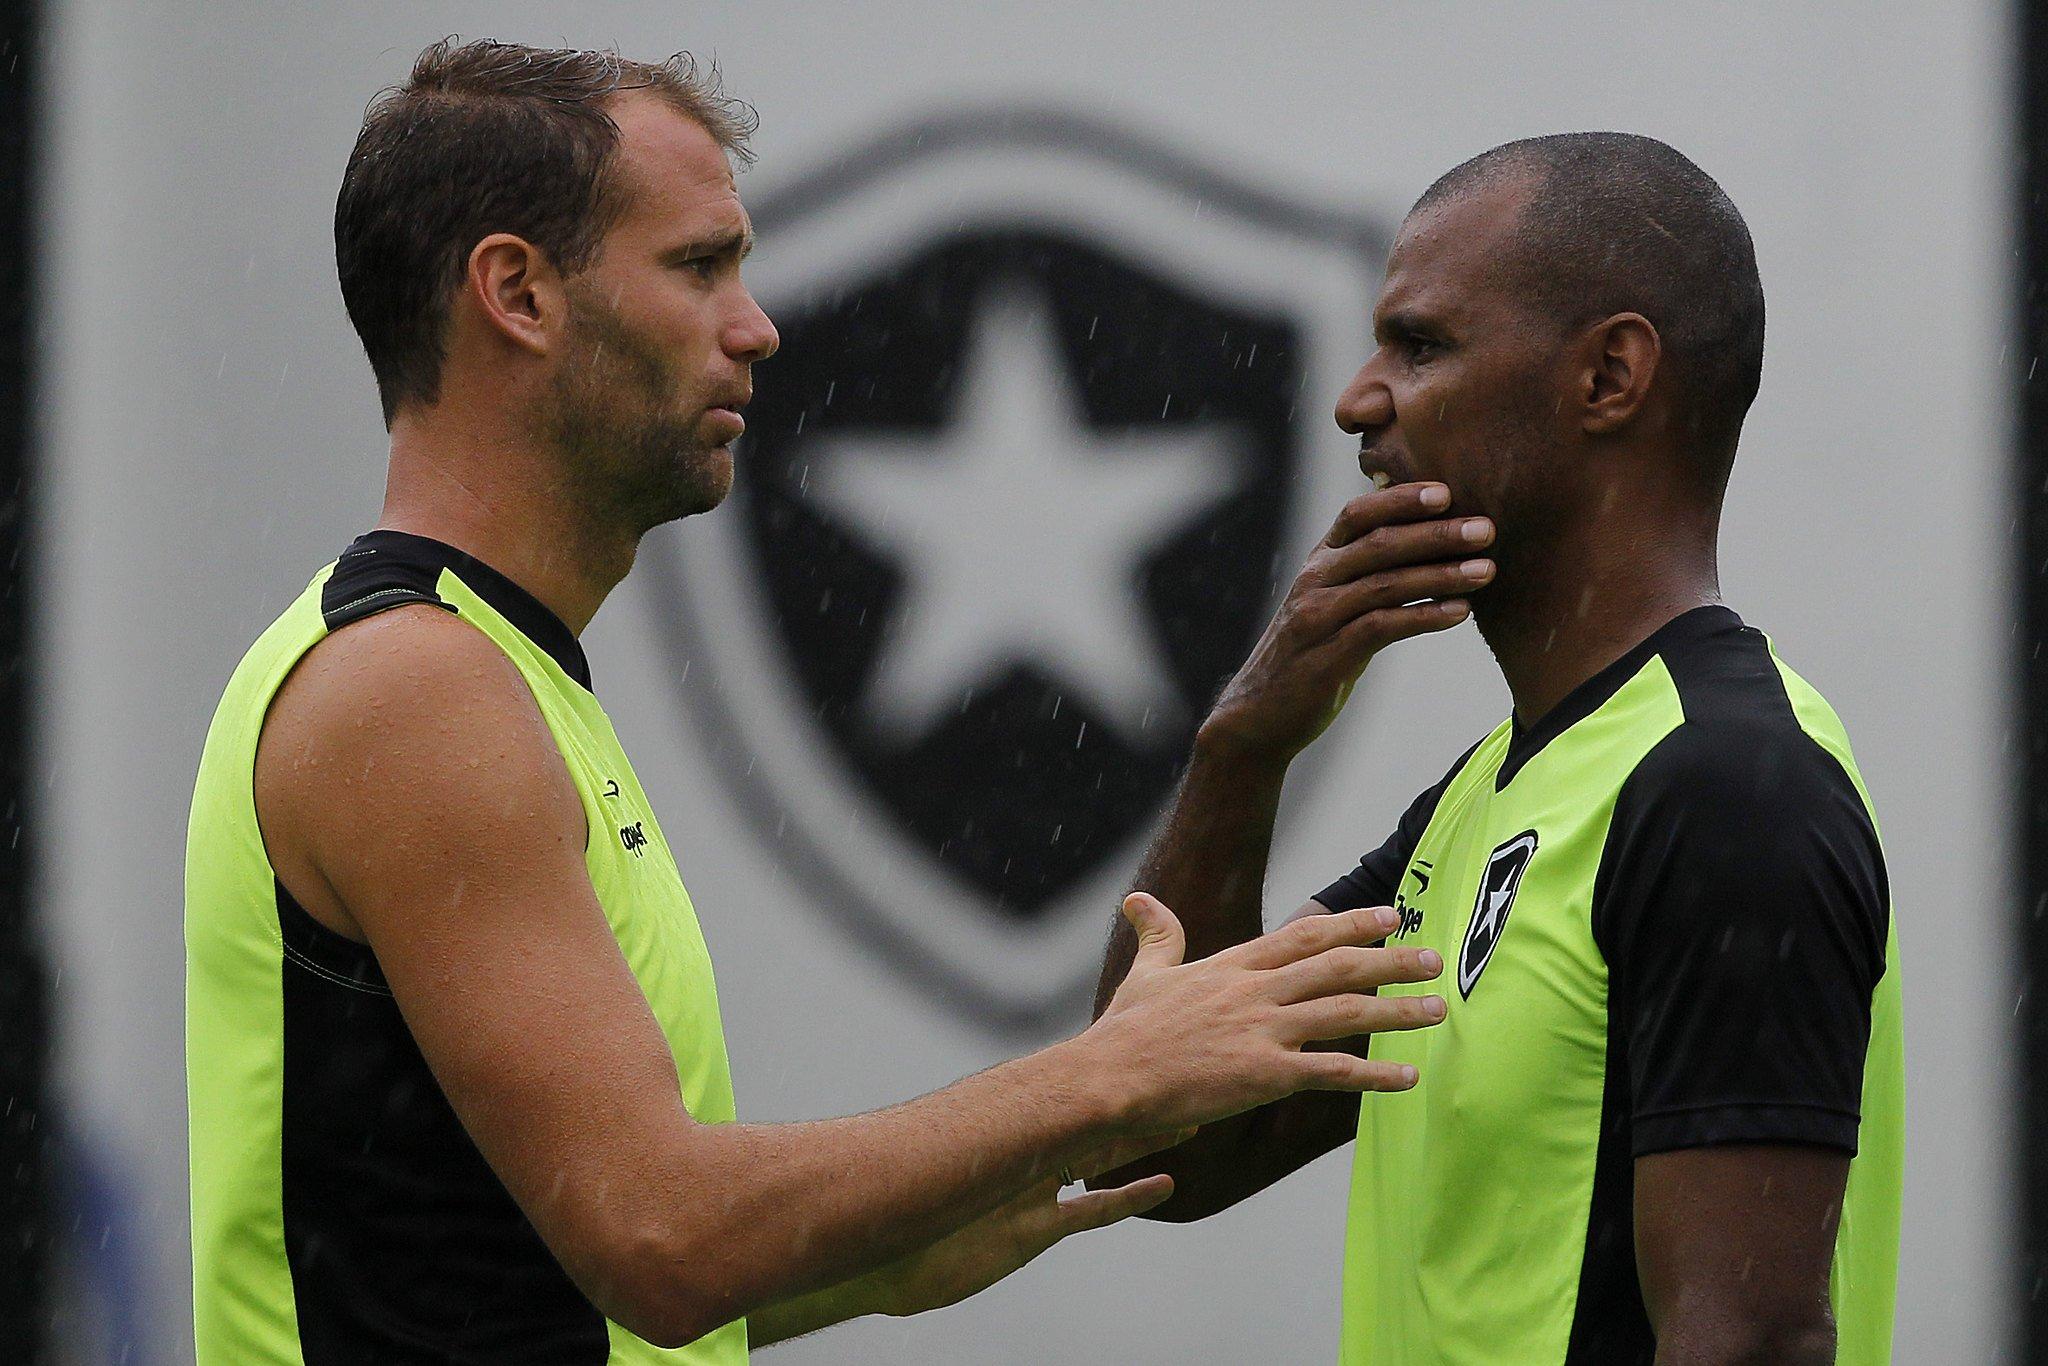 Carli e Jefferson - Botafogo